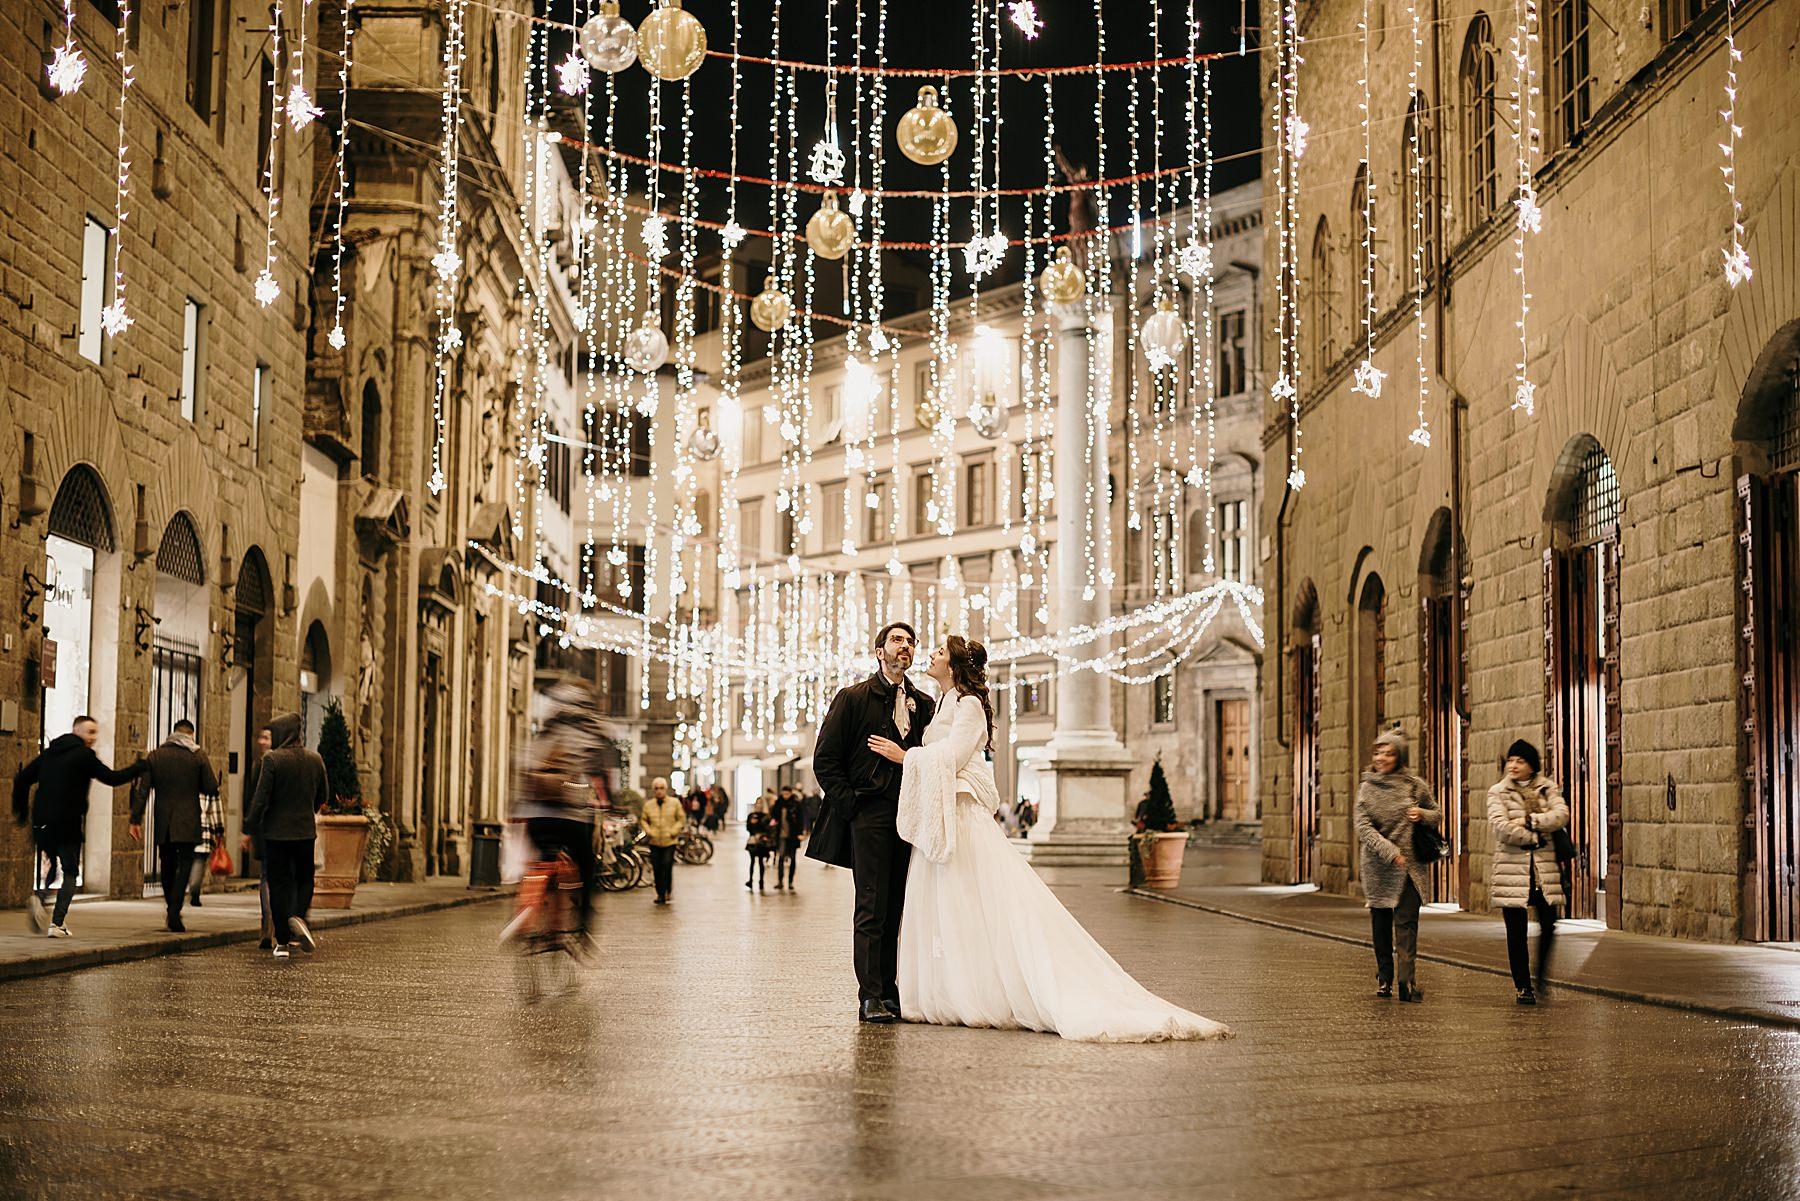 fotografia di matrimonio a firenze in inverno 782